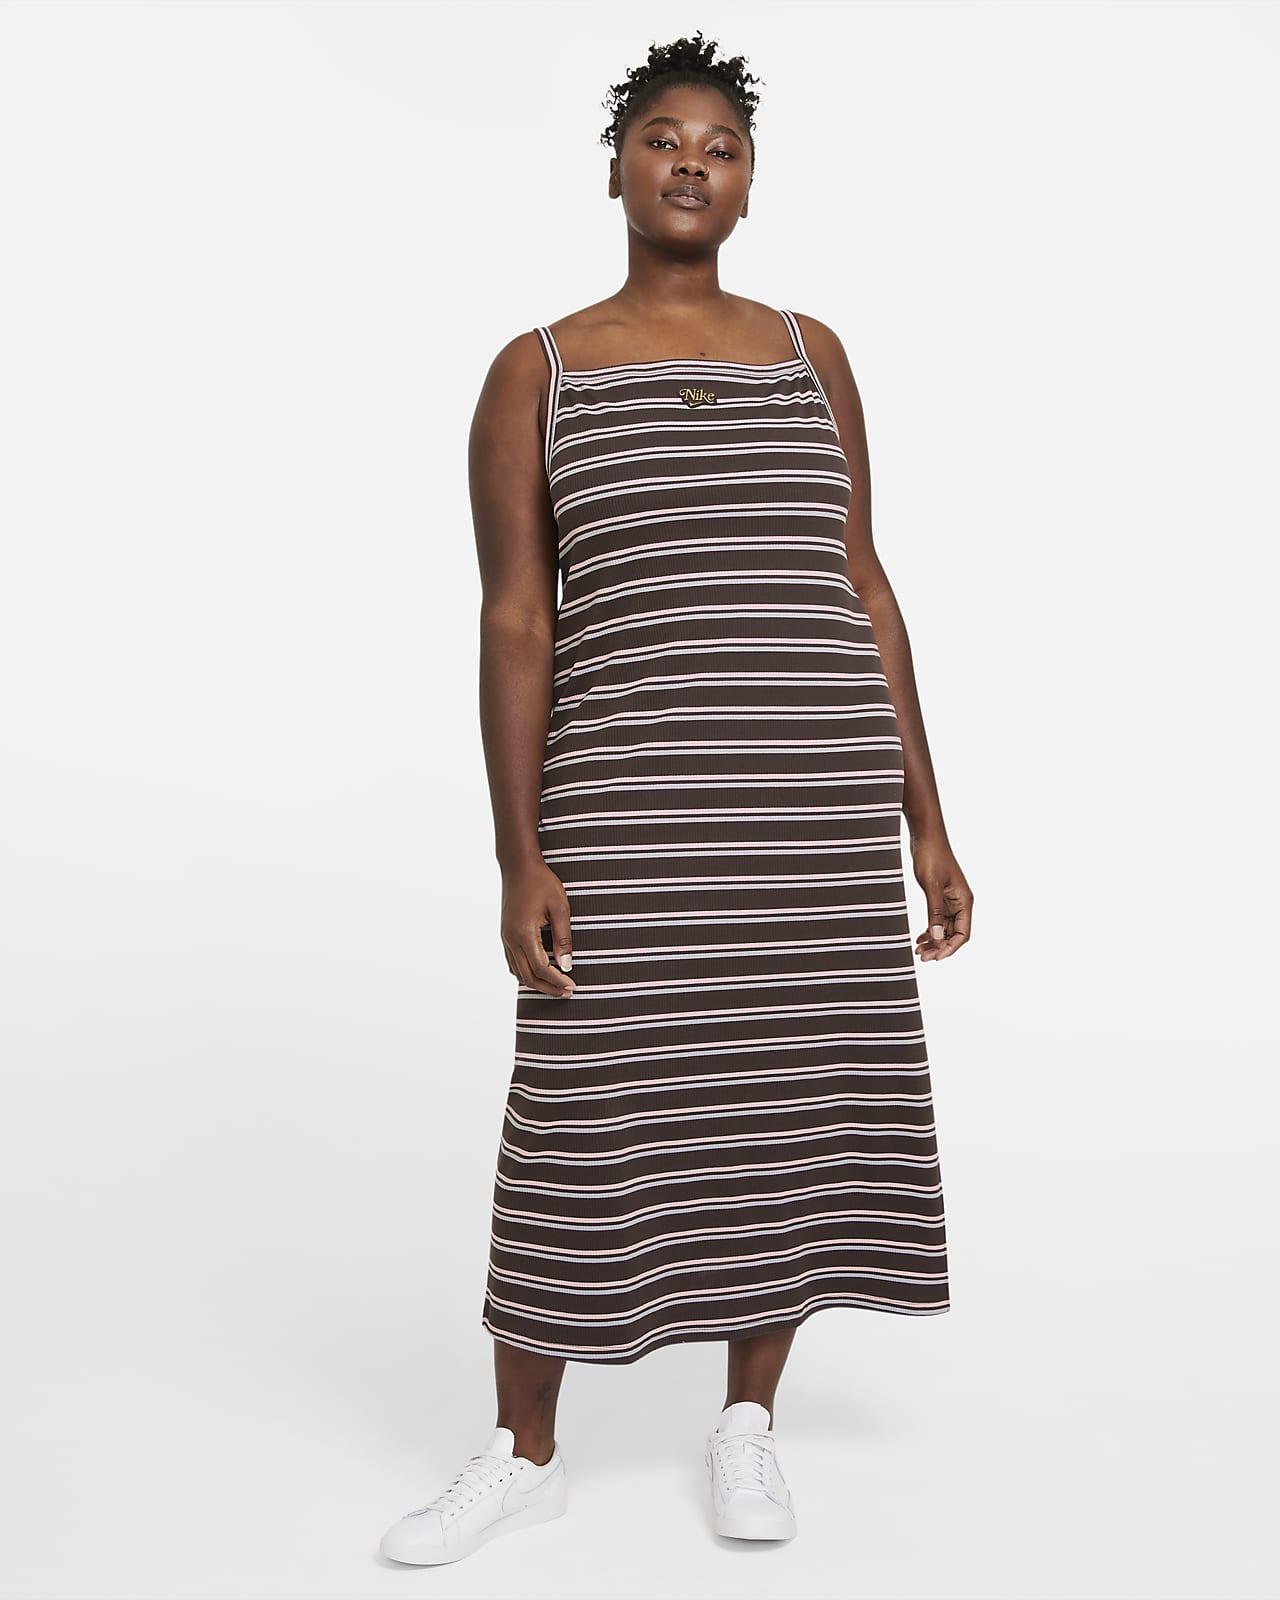 Robe Nike Sportswear Femme pour Femme (grande taille)